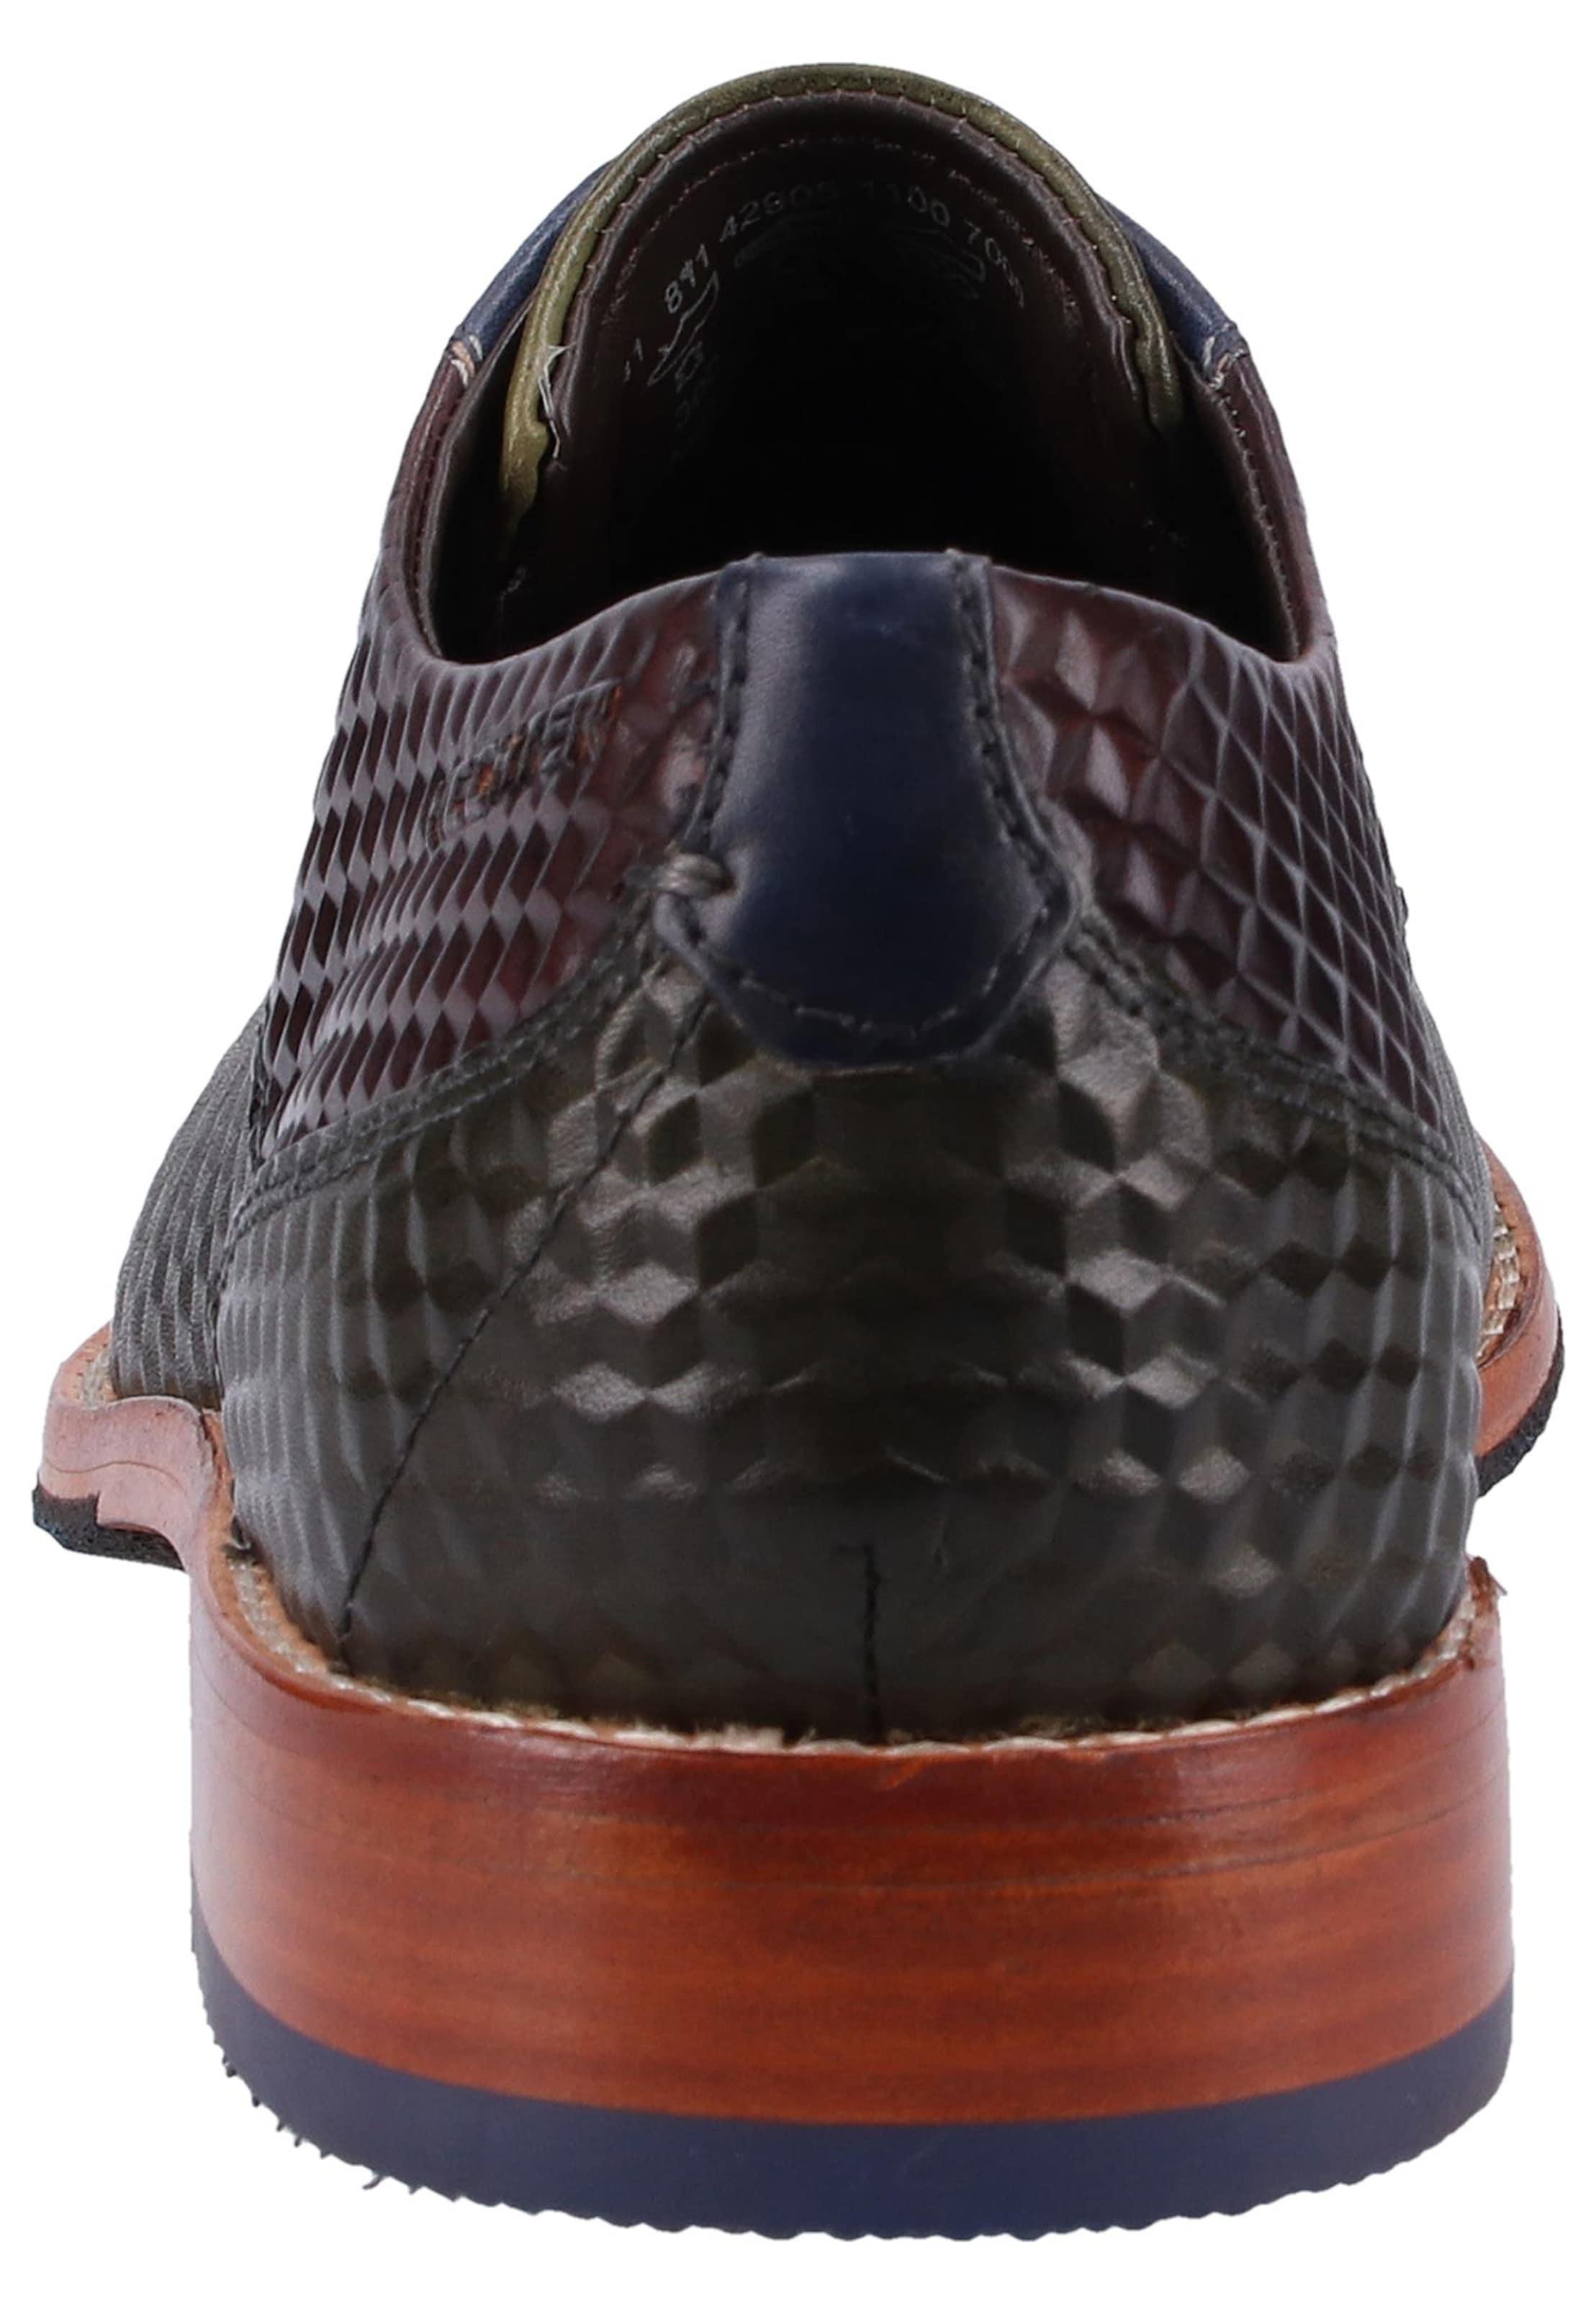 Schuhe Tanne Hechter Daniel In EnzianKastanienbraun vn0NwOm8